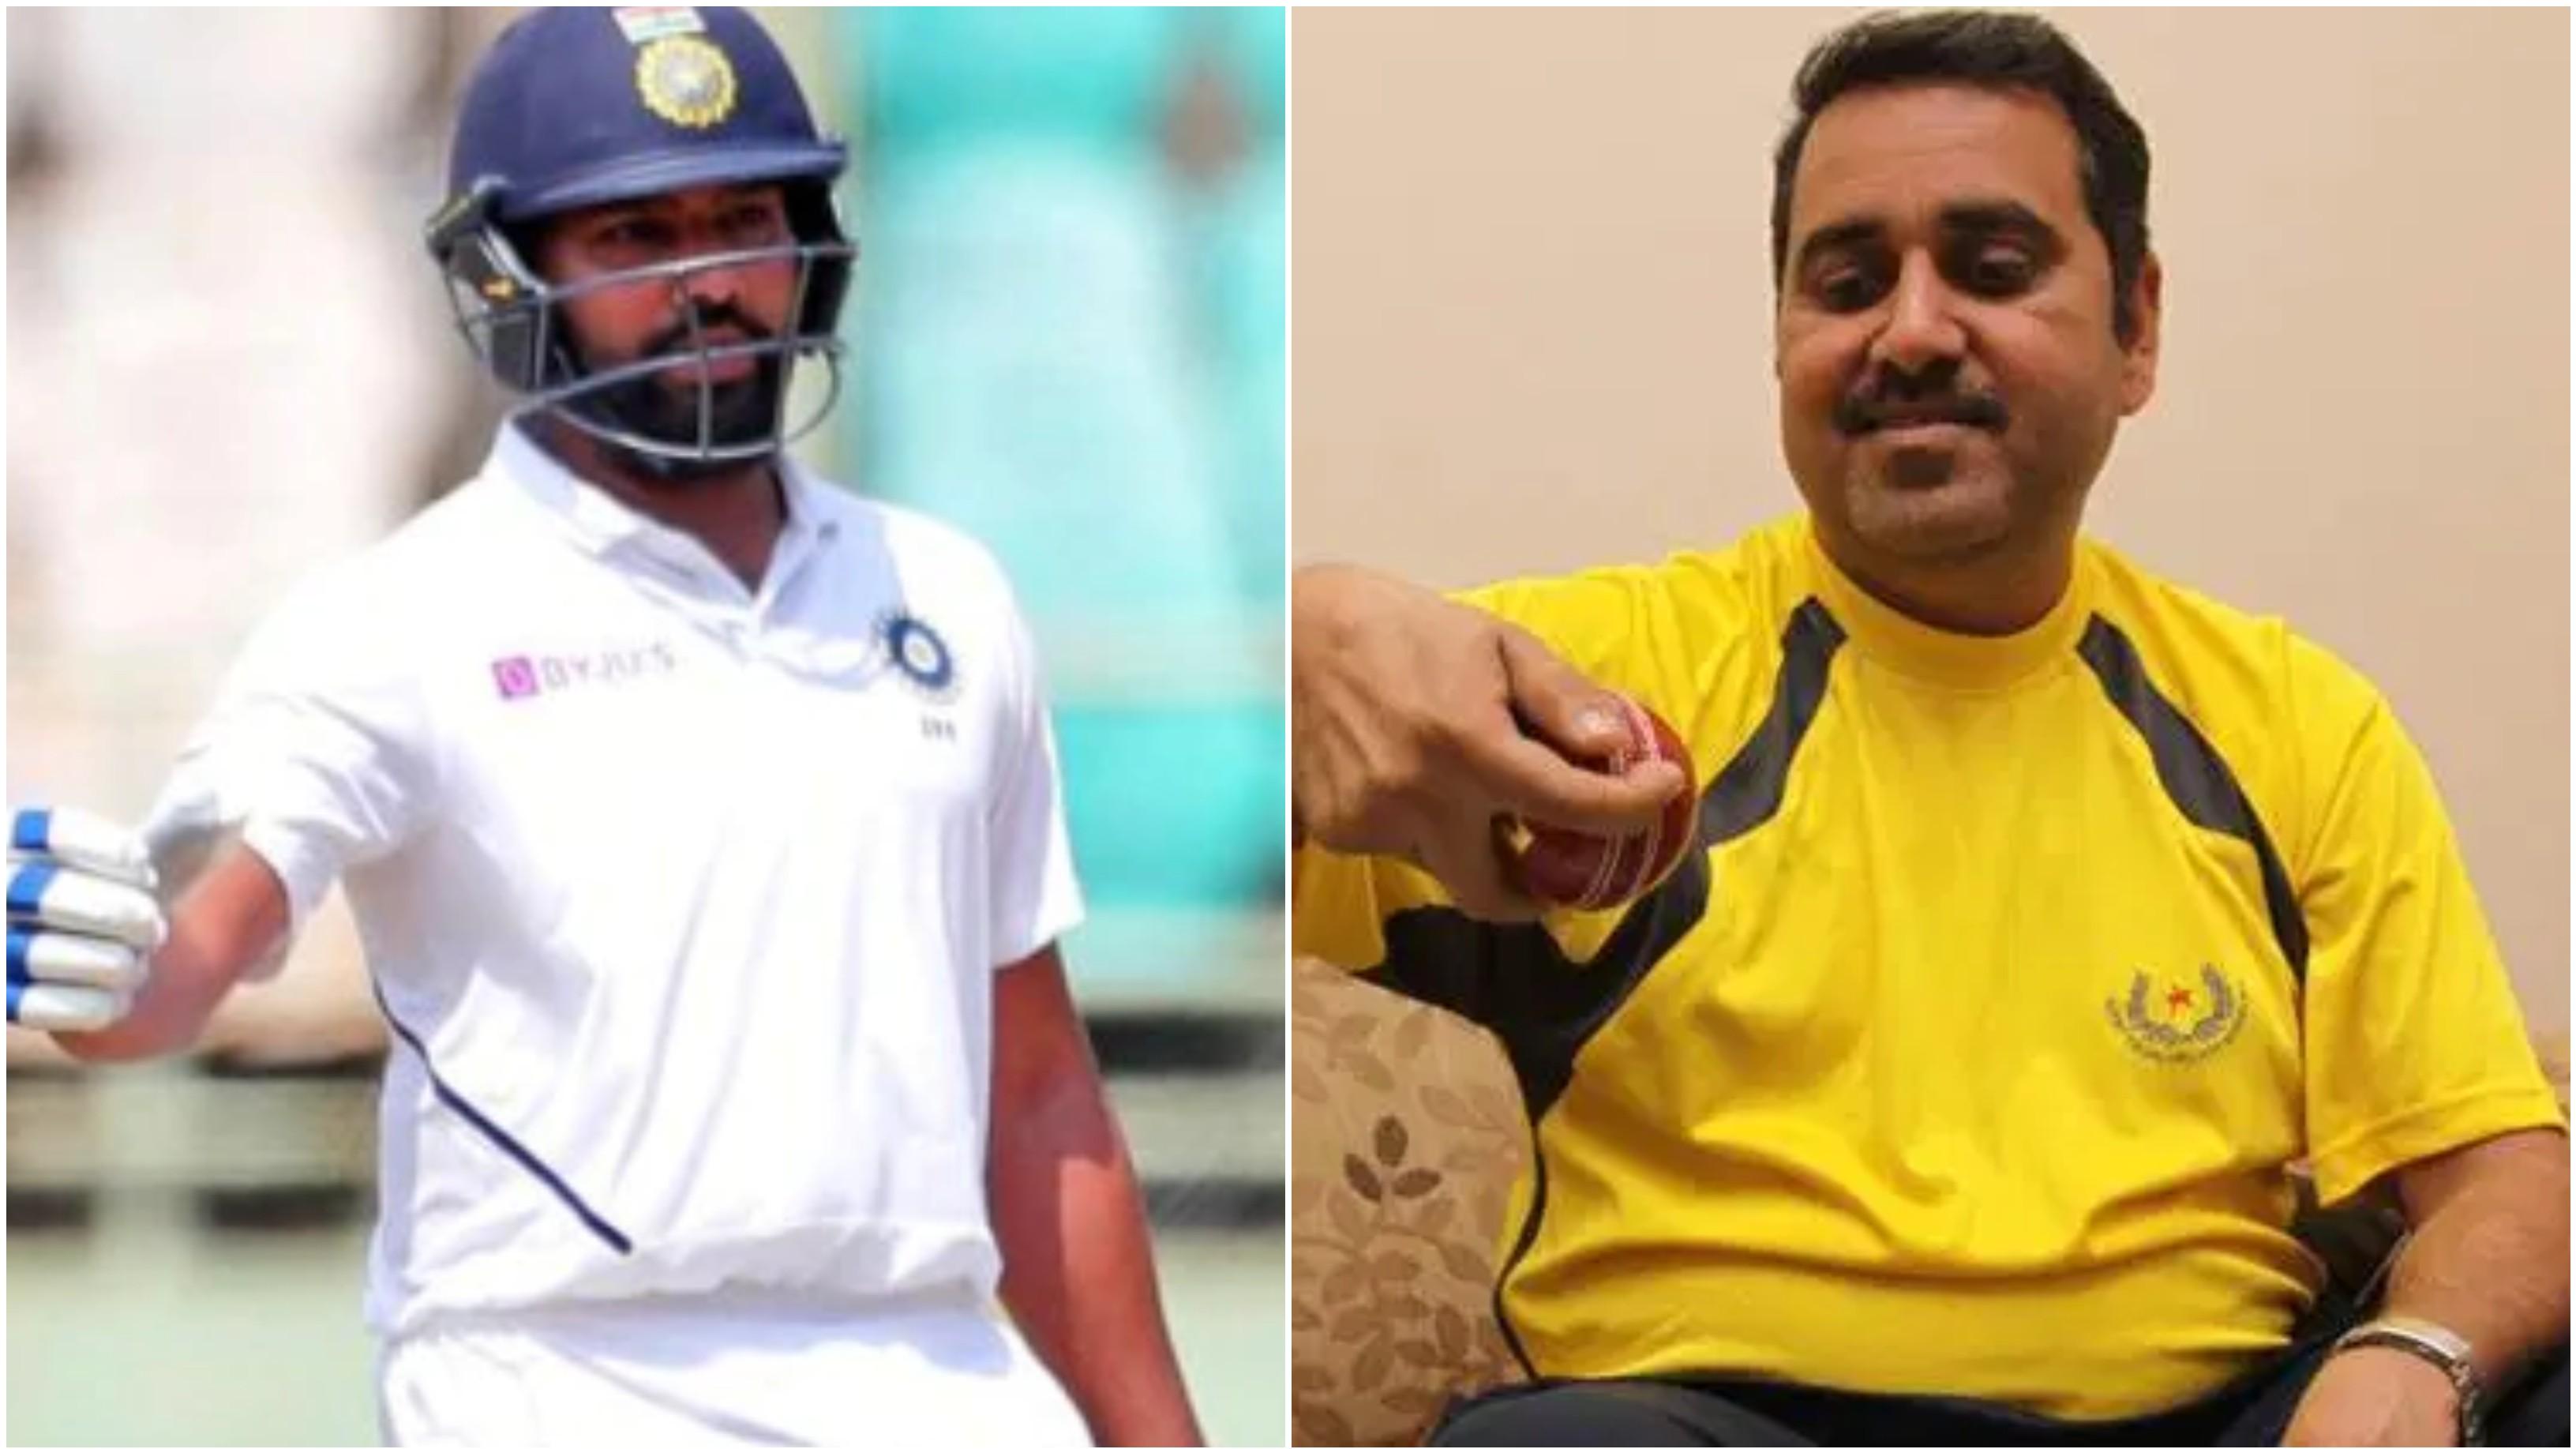 विराट कोहली के बचपन के कोच राजकुमार शर्मा ने रोहित शर्मा को बताया भारतीय टीम का नया सहवाग